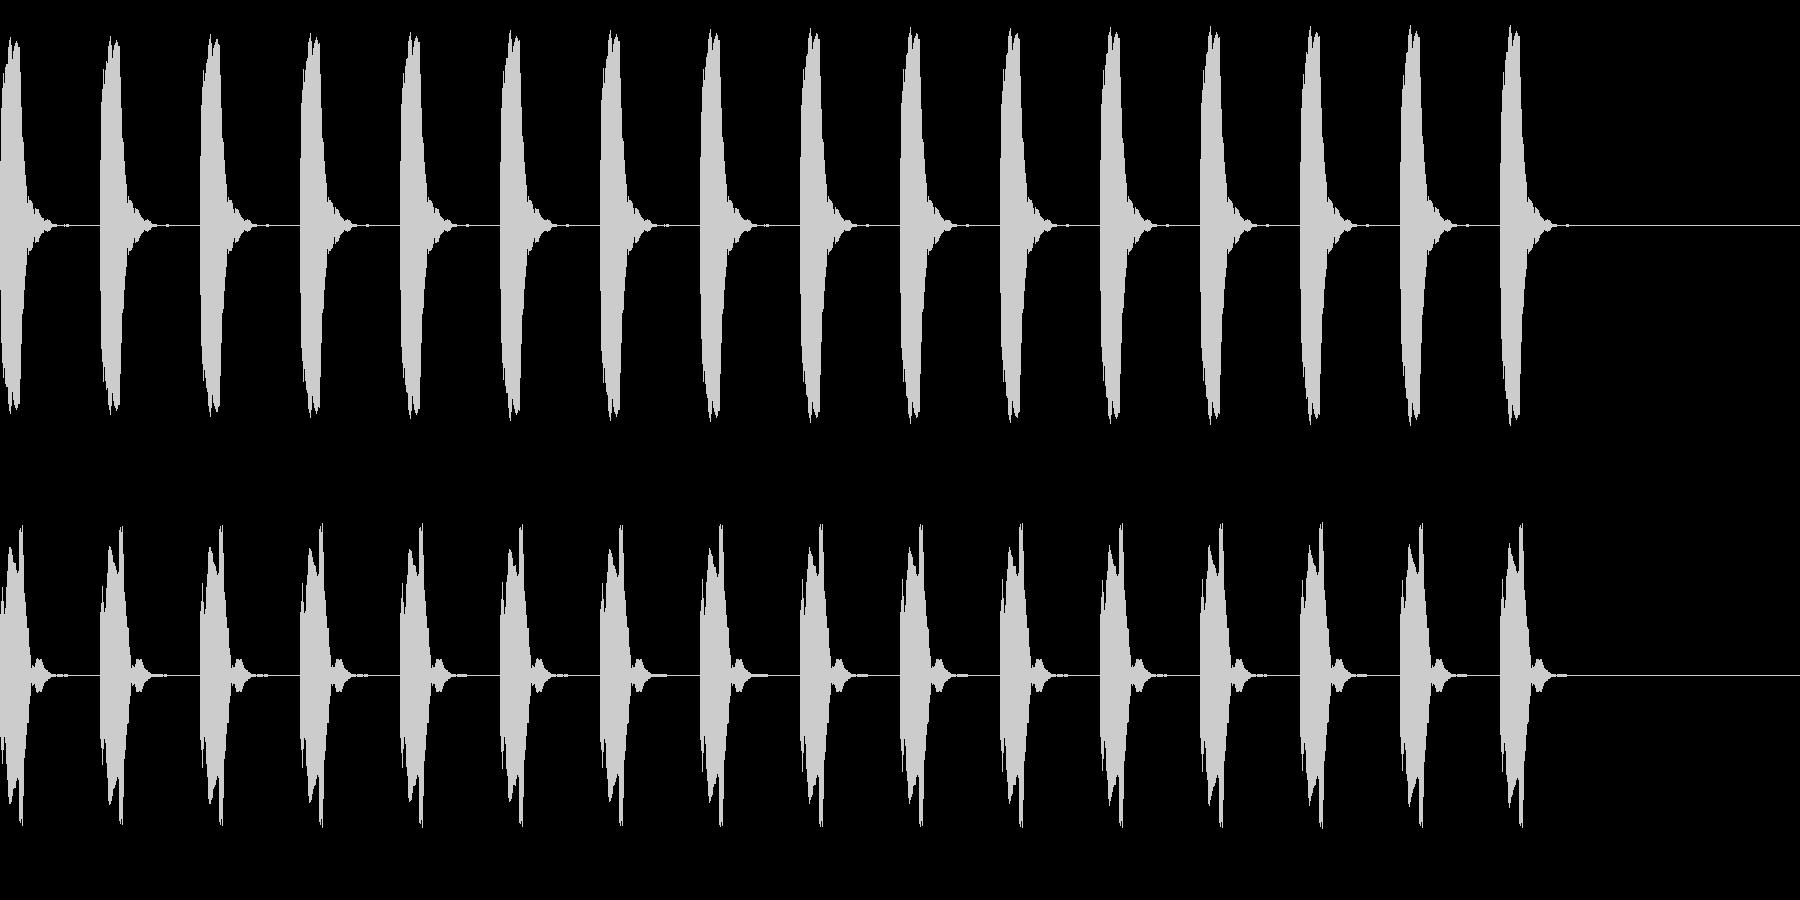 ピー、ピー、心電図の音 リバーブの未再生の波形